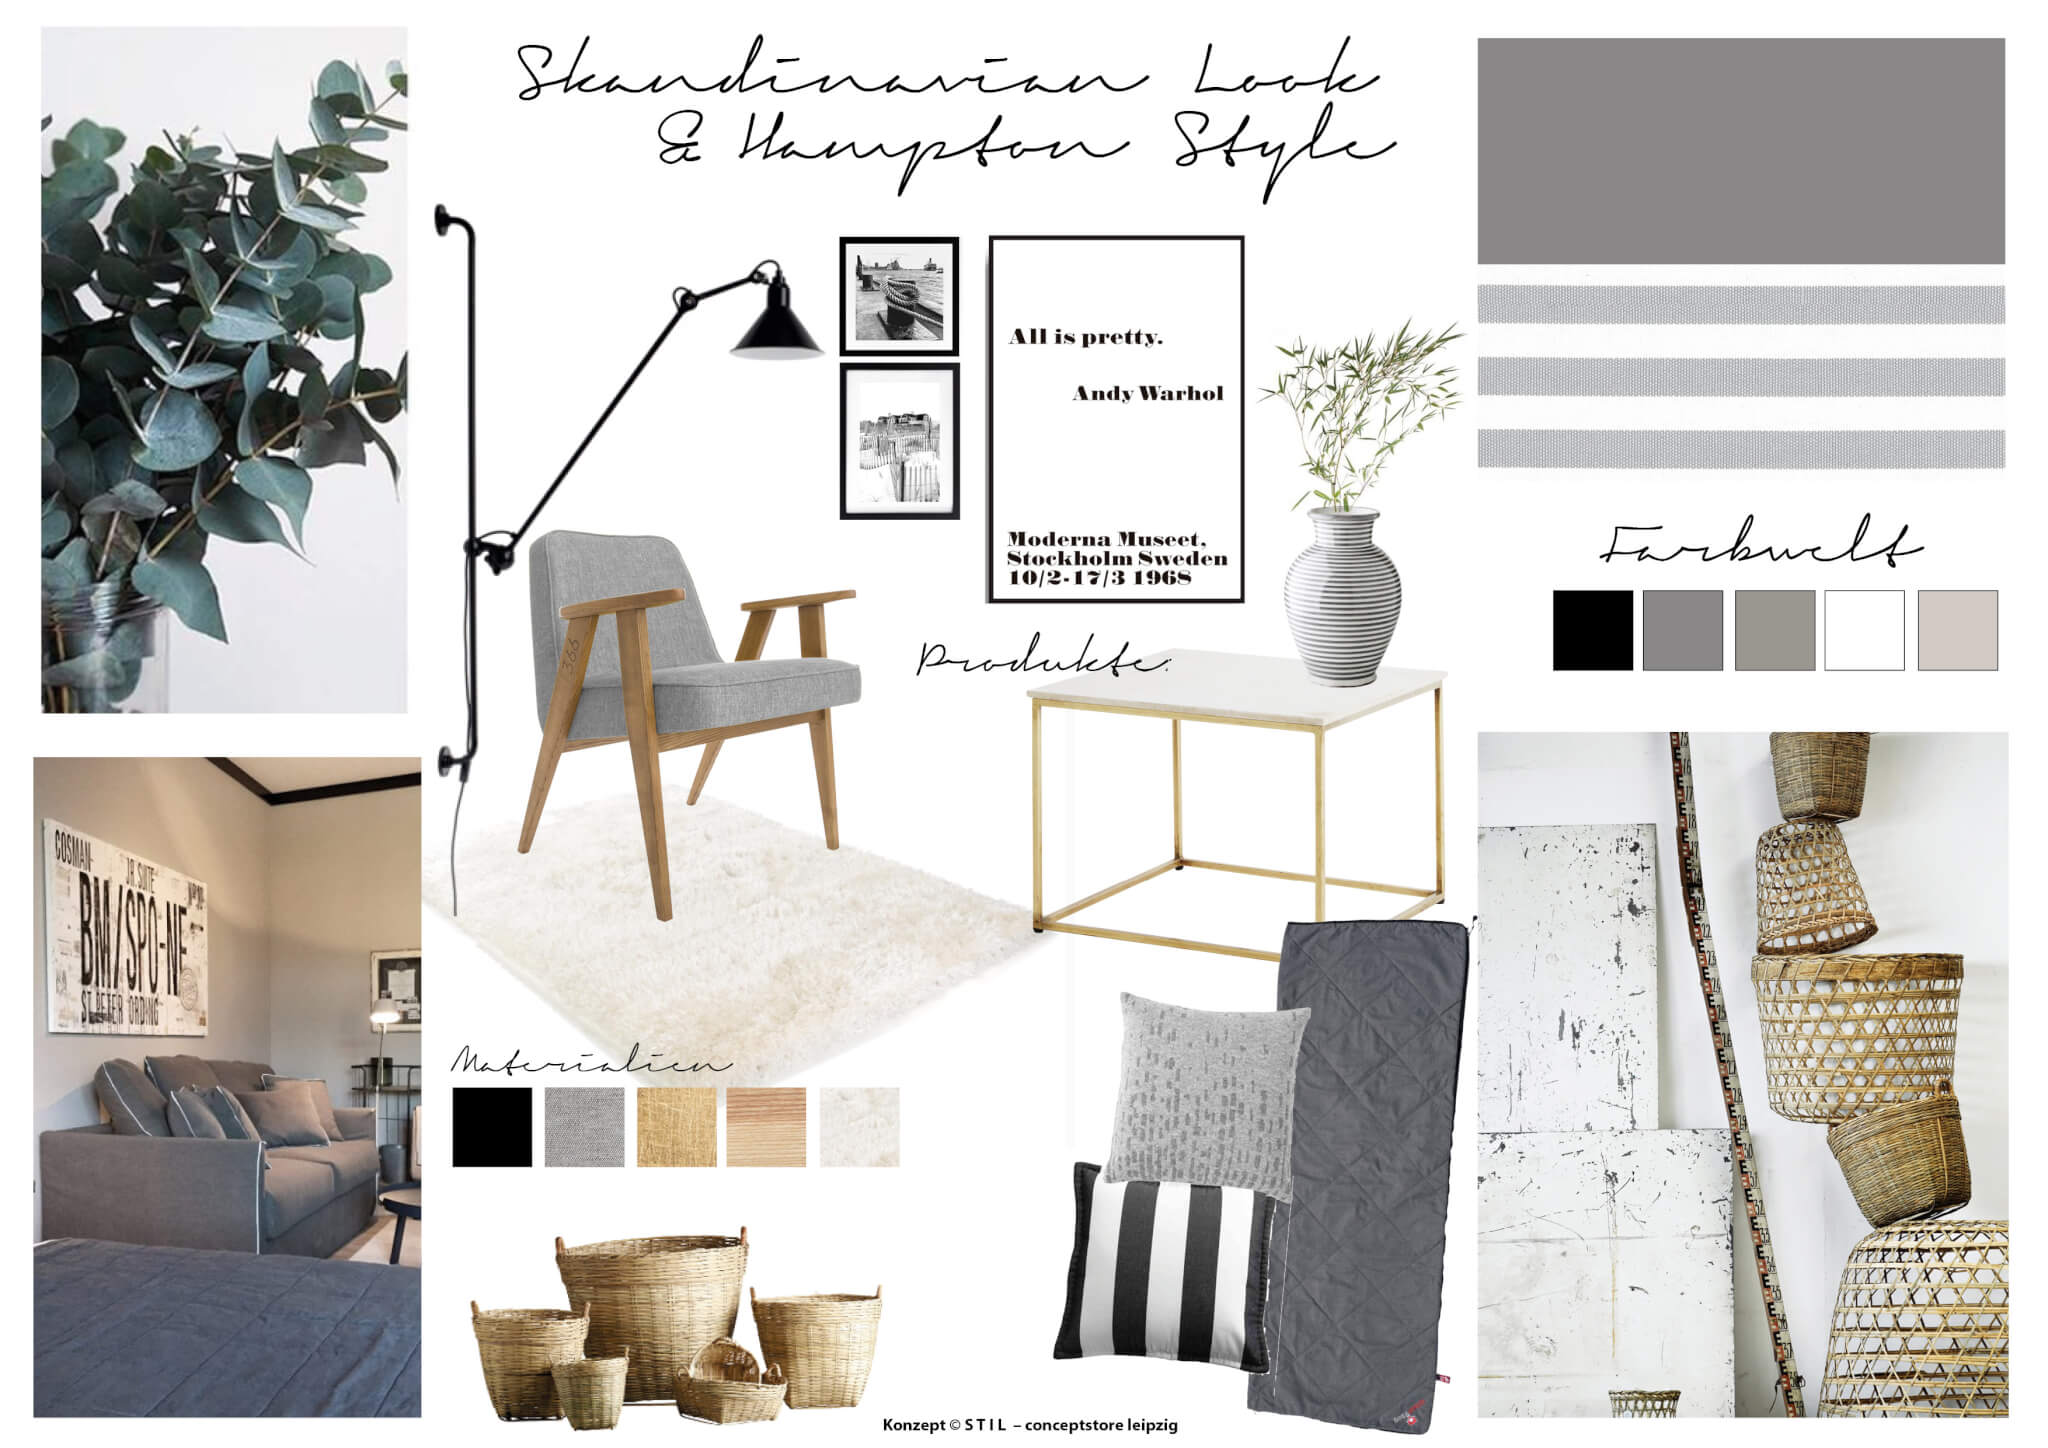 Inneneinrichtung beratung  STIL-Beratung | Wohndesign | Inneneinrichtung by Stefanie